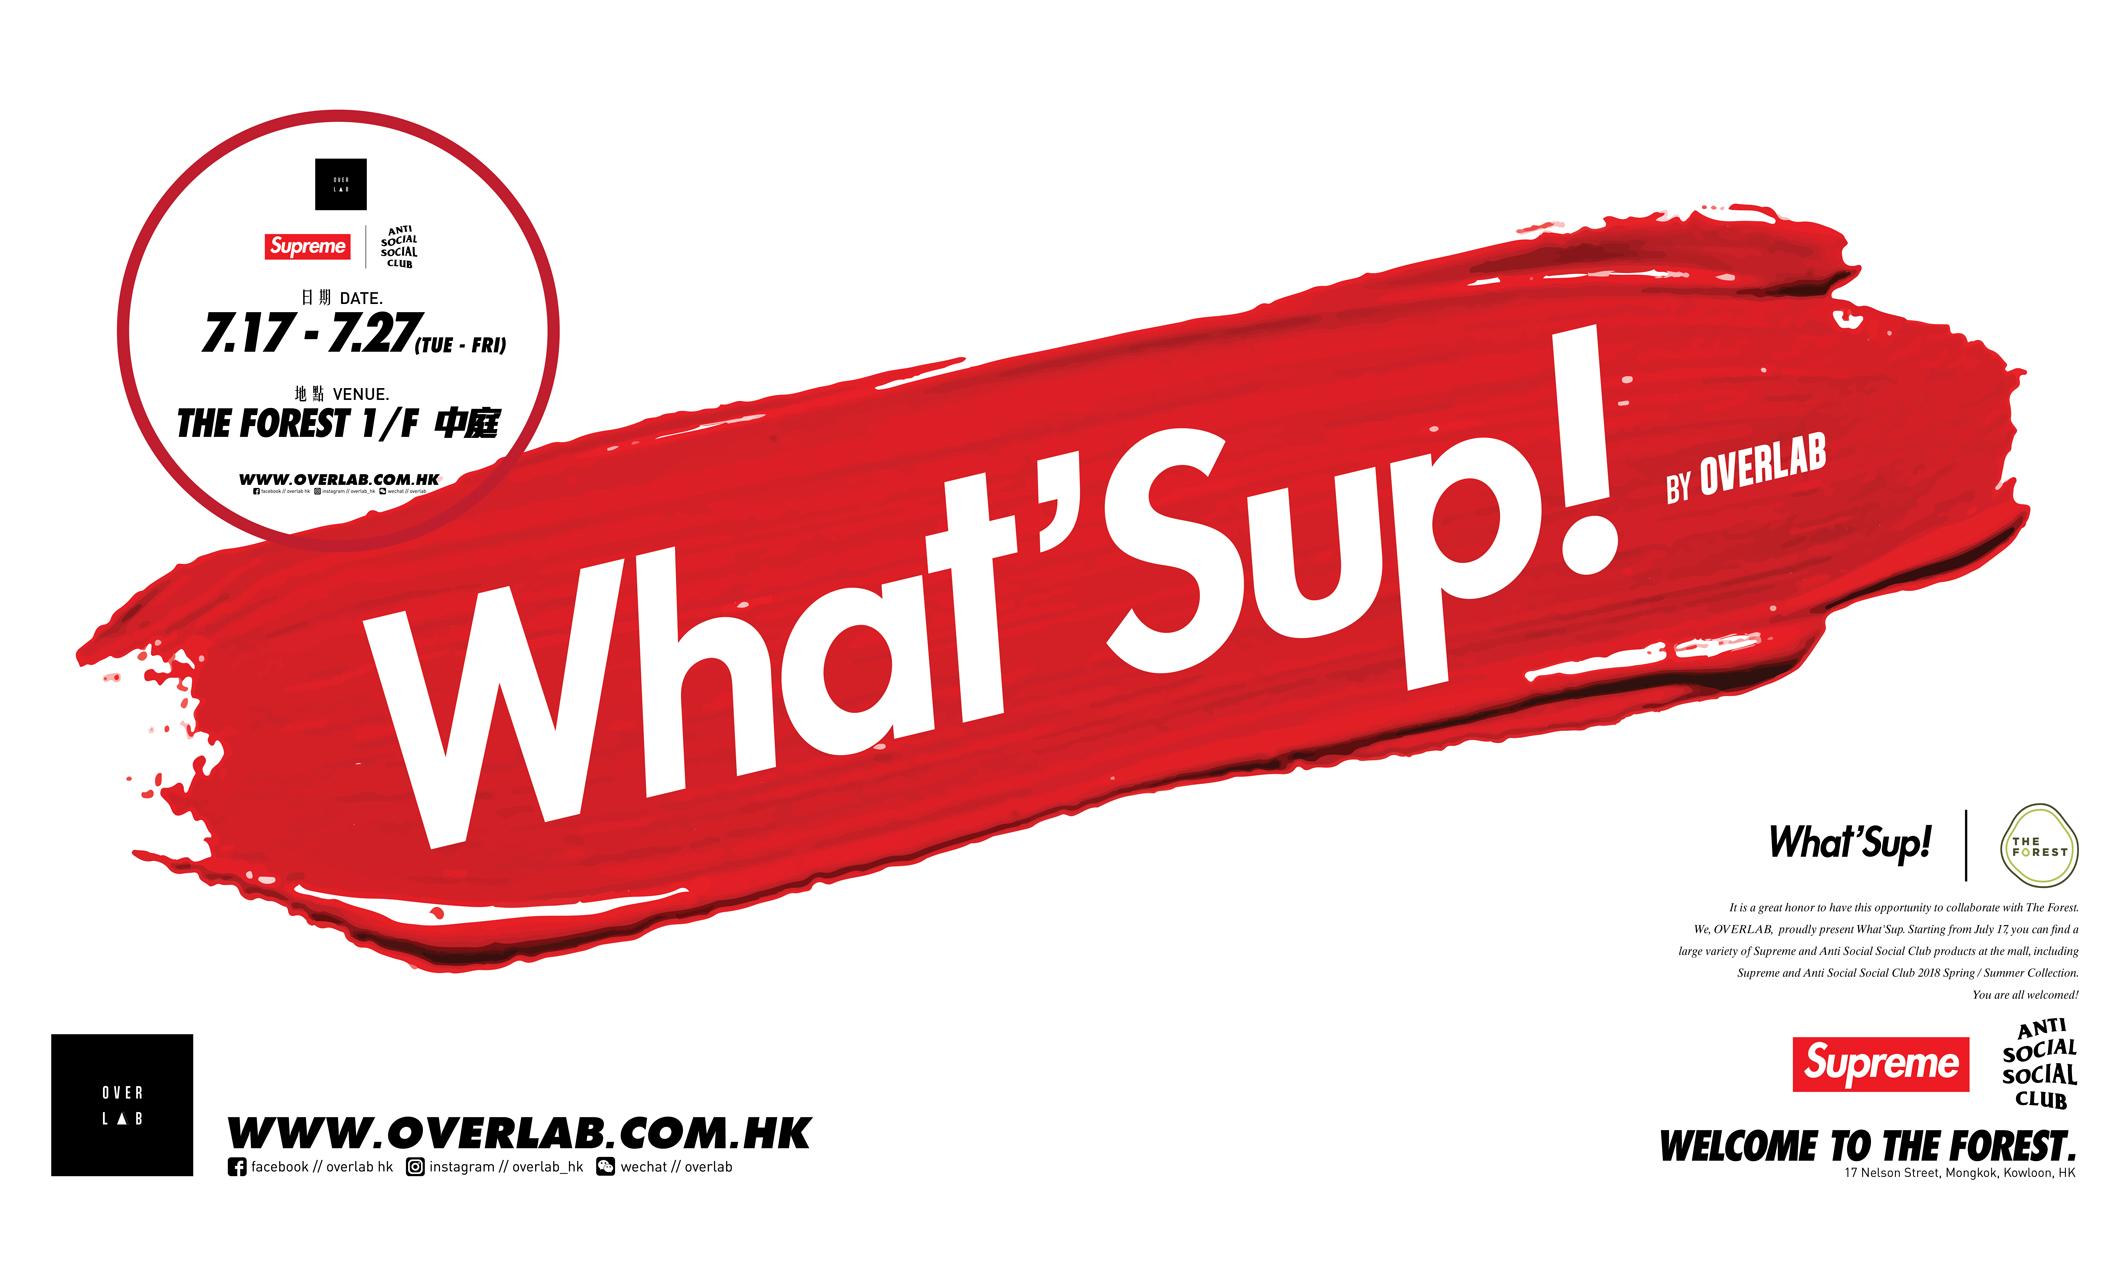 """香港潮流名所 OVERLAB """"What'Sup!"""" 期间限定店登陆 THE FOREST"""